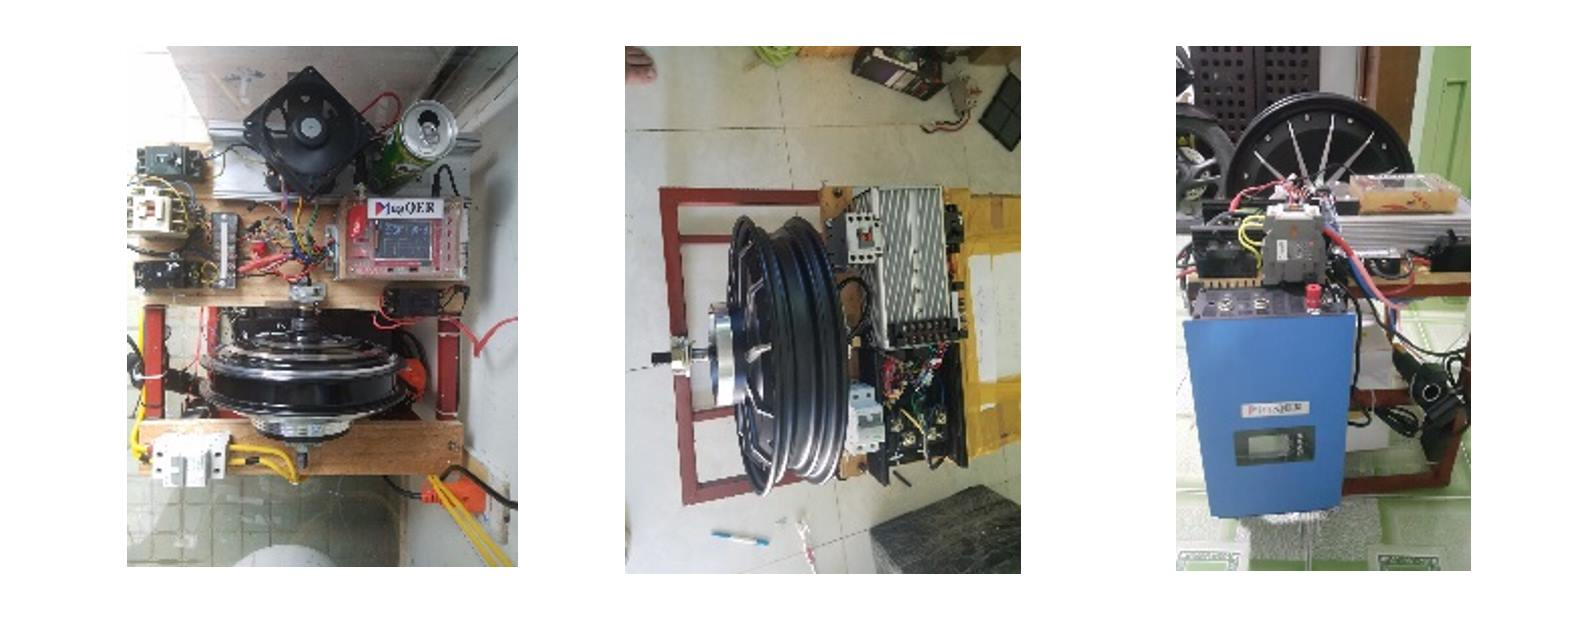 Máy phát điện máy sản xuất điện lượng tử MagQER